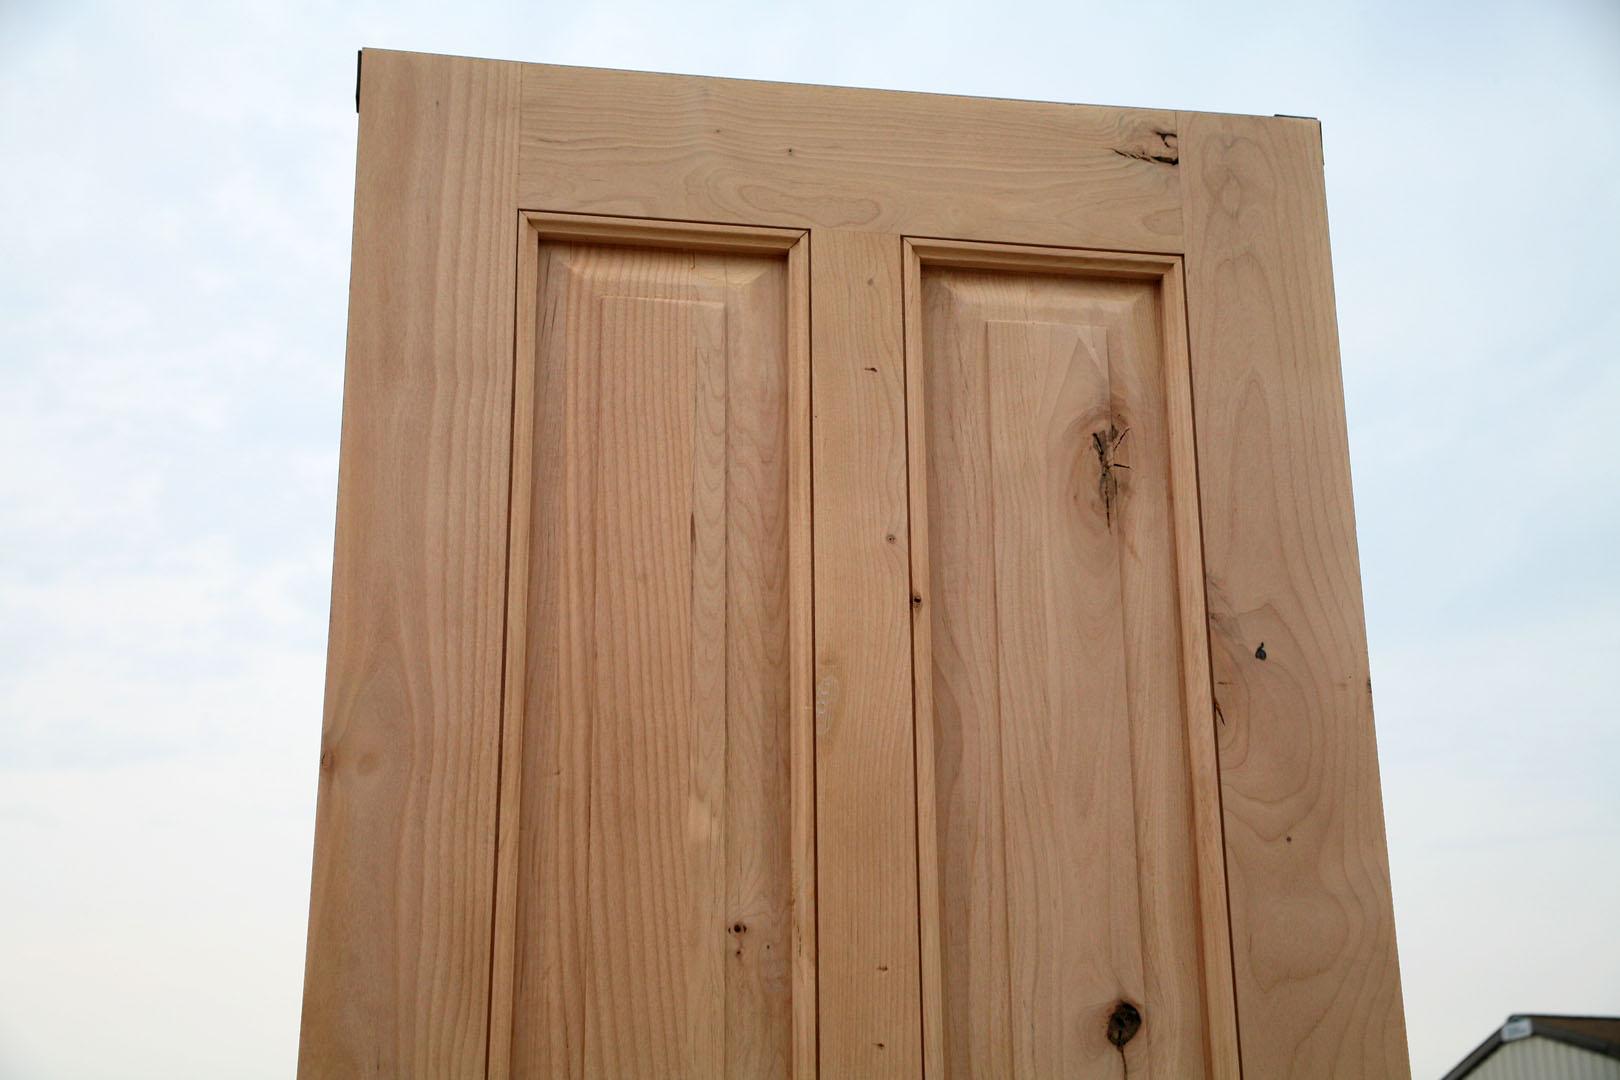 1080 #3B2414 Rustic Exterior Door Closeout Rustic Exterior Wood Door Alder wallpaper Rustic Entry Doors 39051620